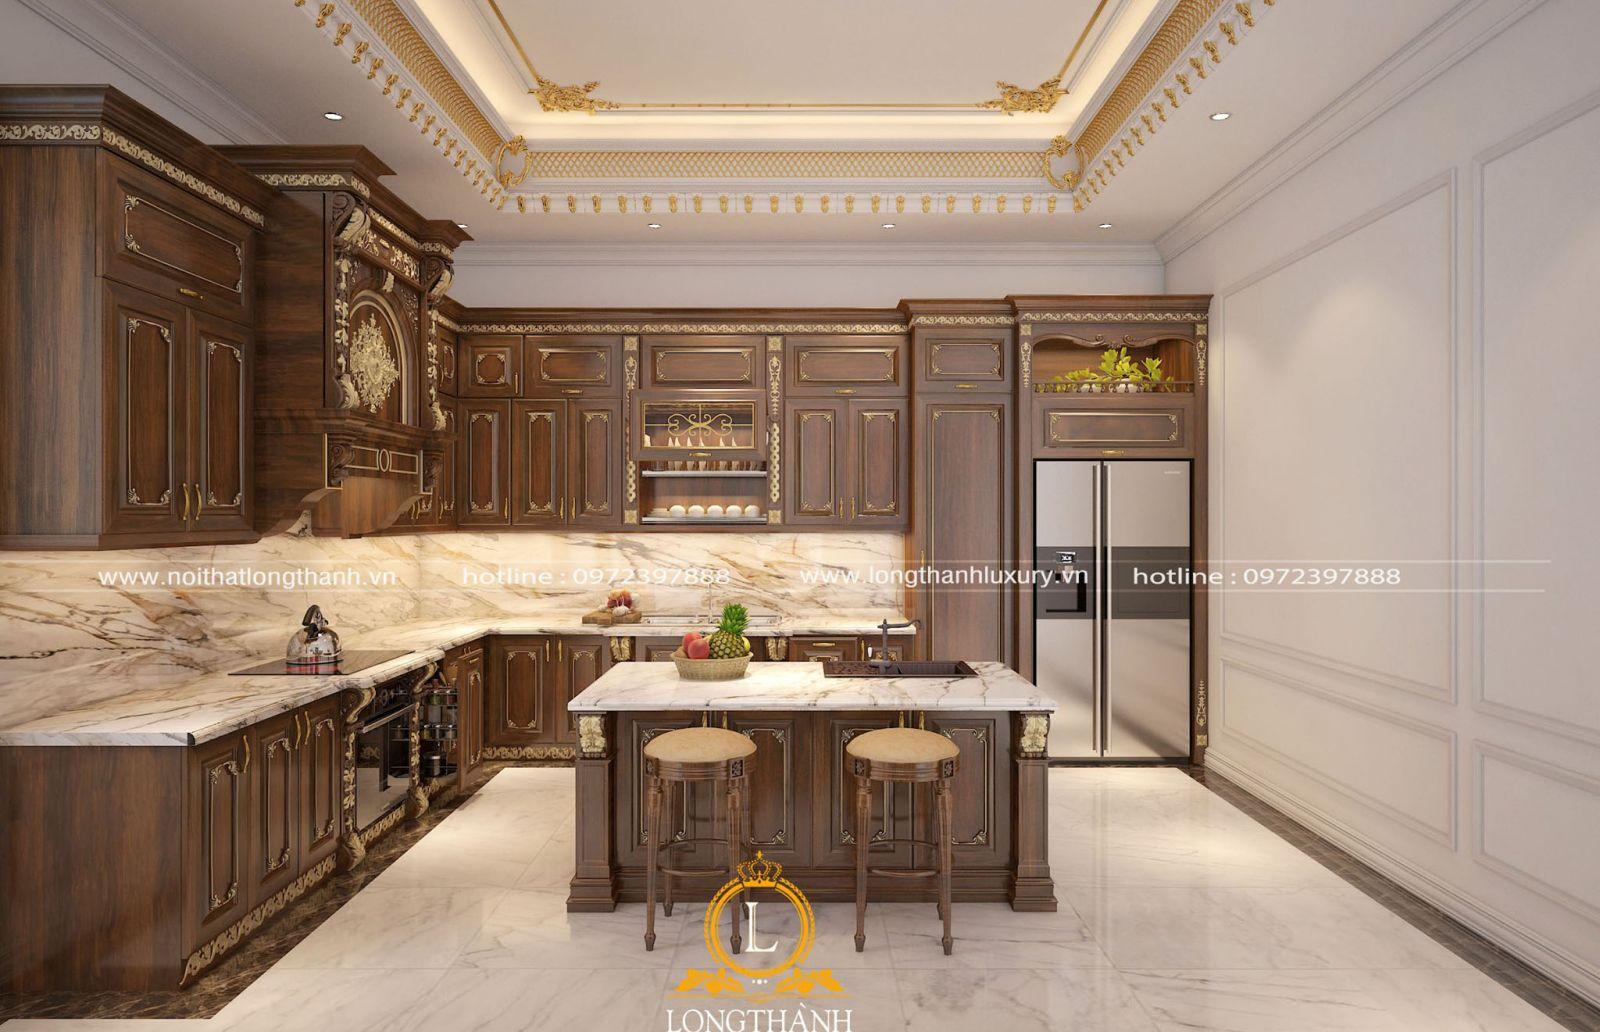 Tủ bếp tân cổ điển được thiết kế phù hợp mọi không gian